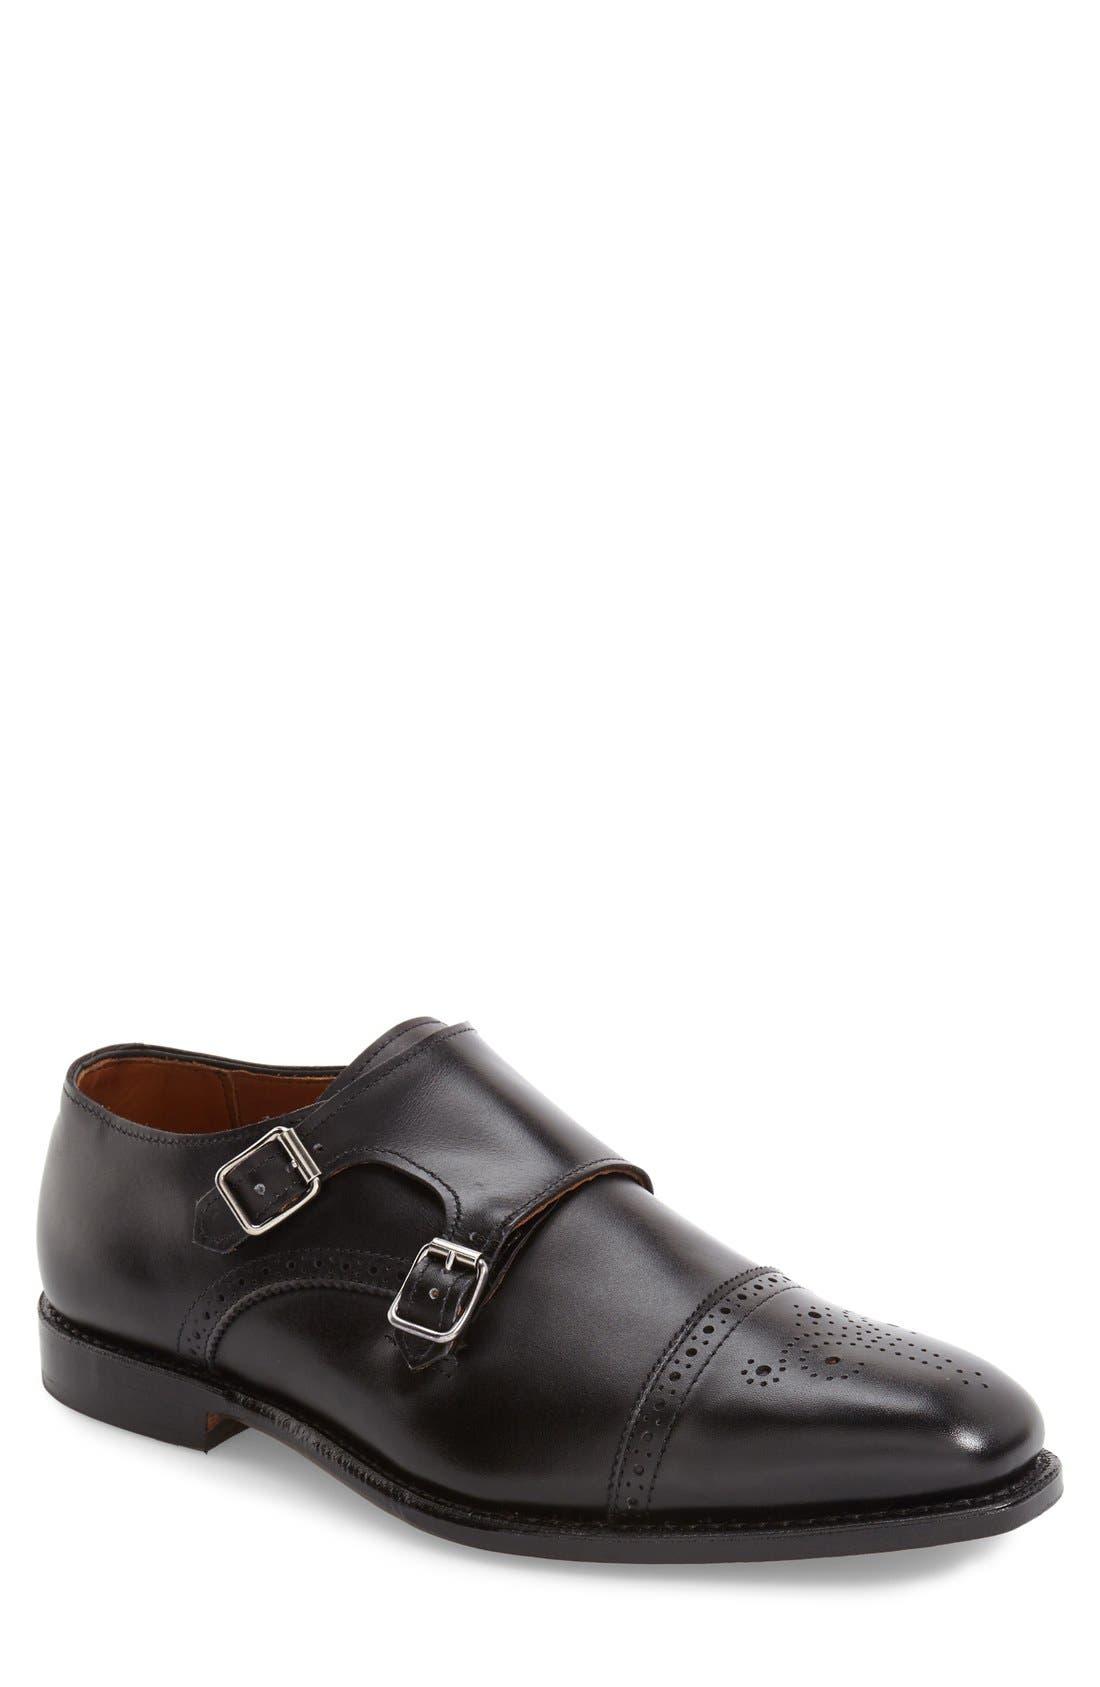 'St. Johns' Double Monk Strap Shoe,                         Main,                         color, Black Leather